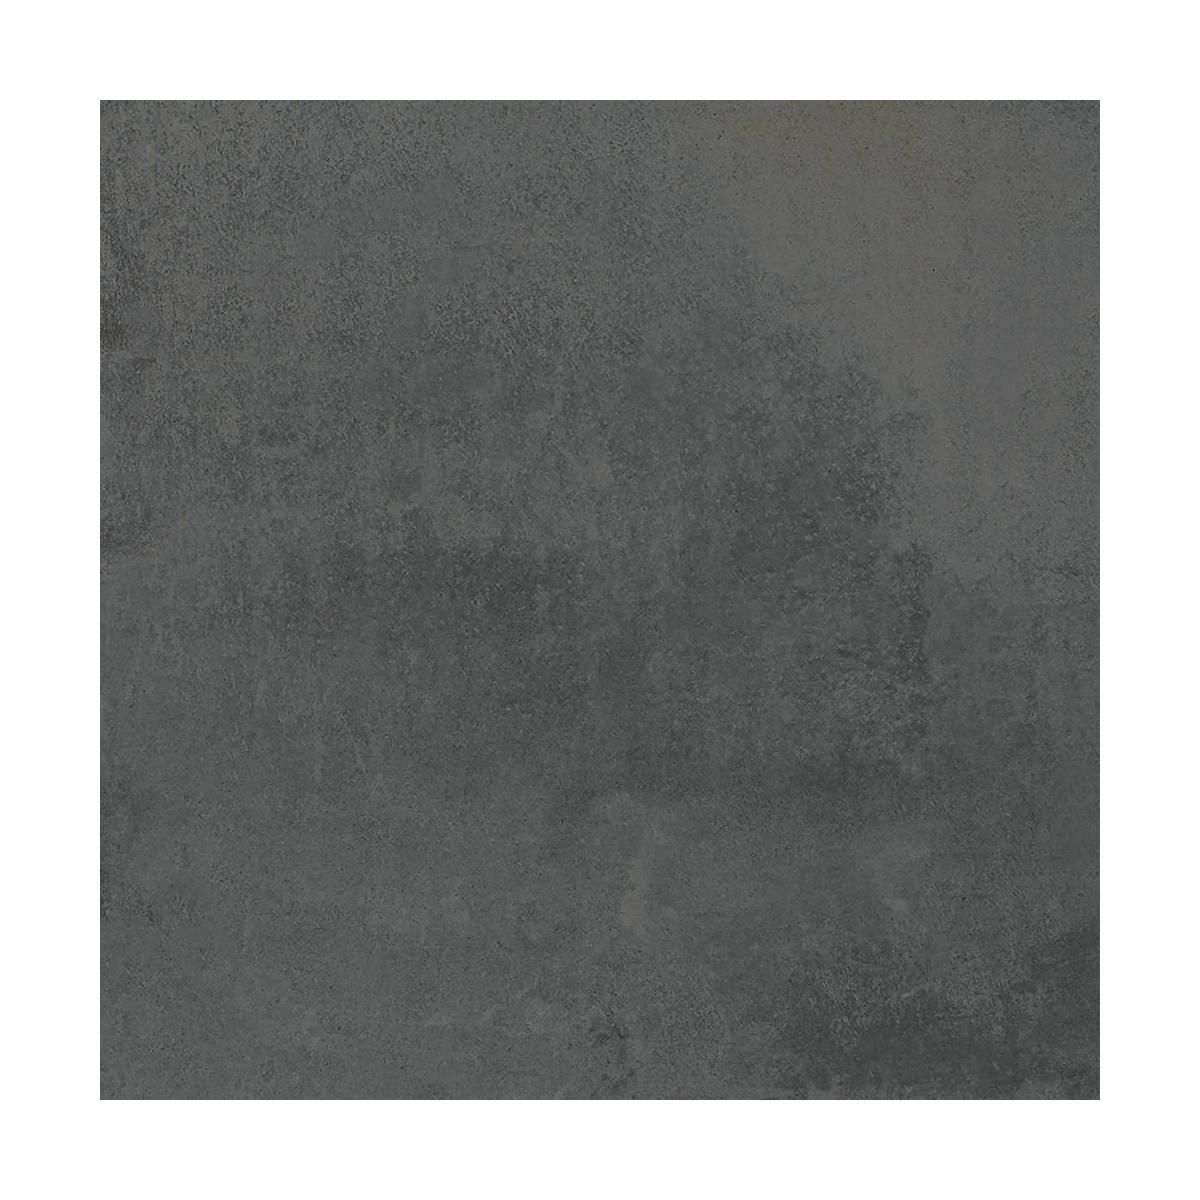 Pavimento y revestimiento Vulcano Galena imitación óxido barato